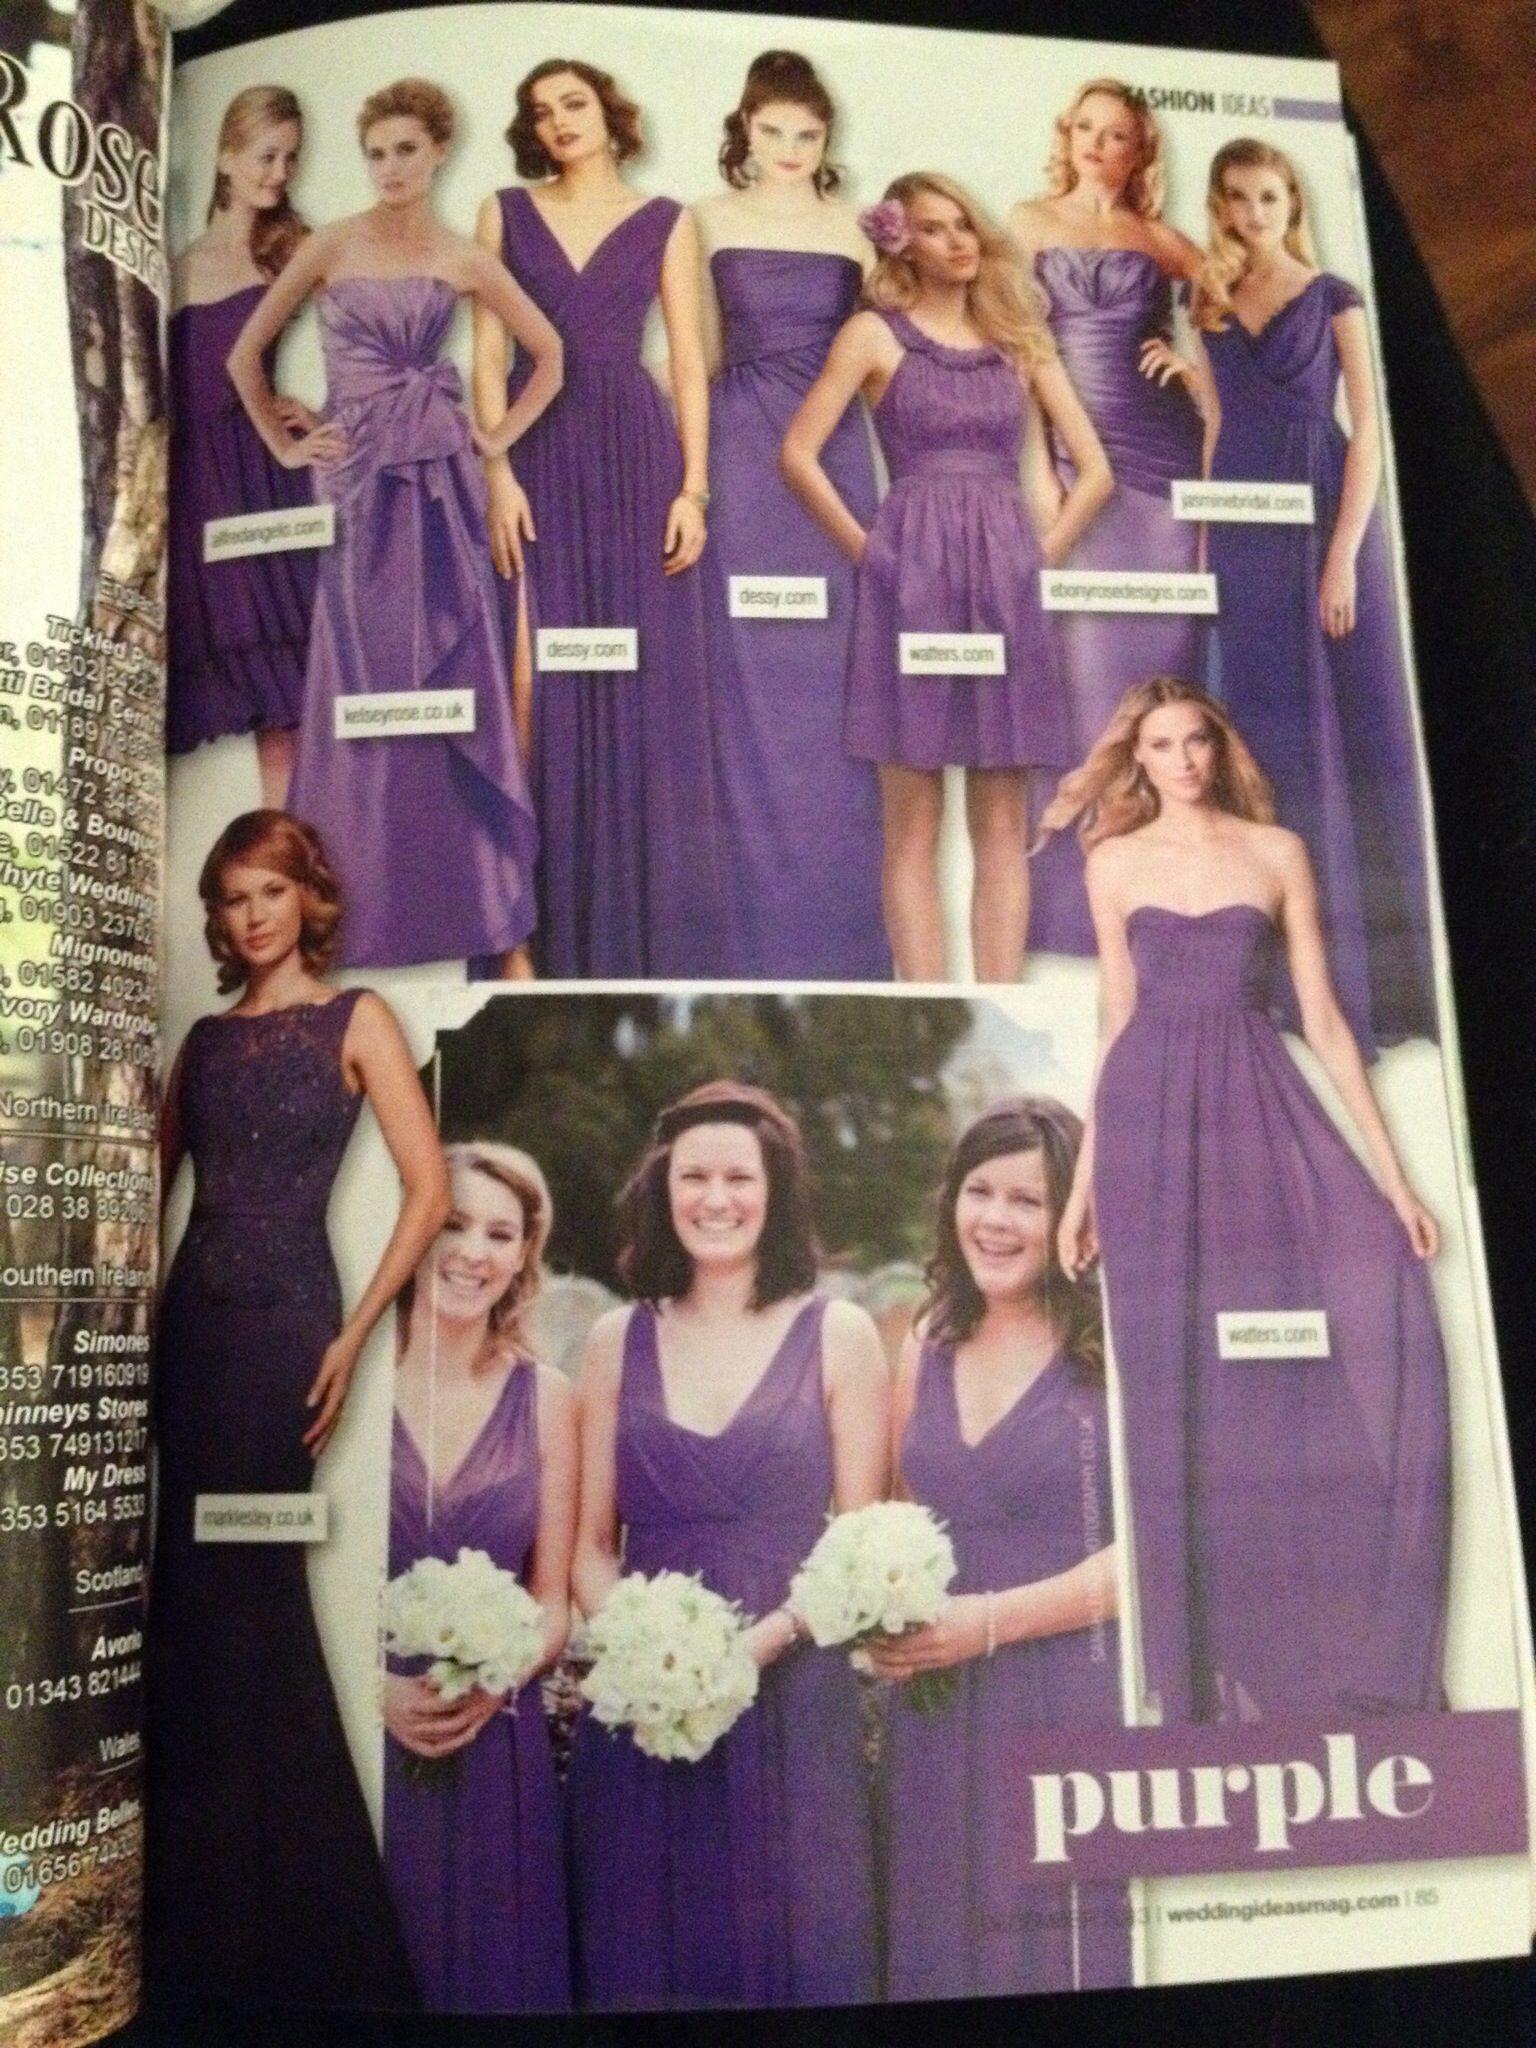 Purple bridesmaid dresses | MeaMea\'s wedding | Pinterest | Bridal ...